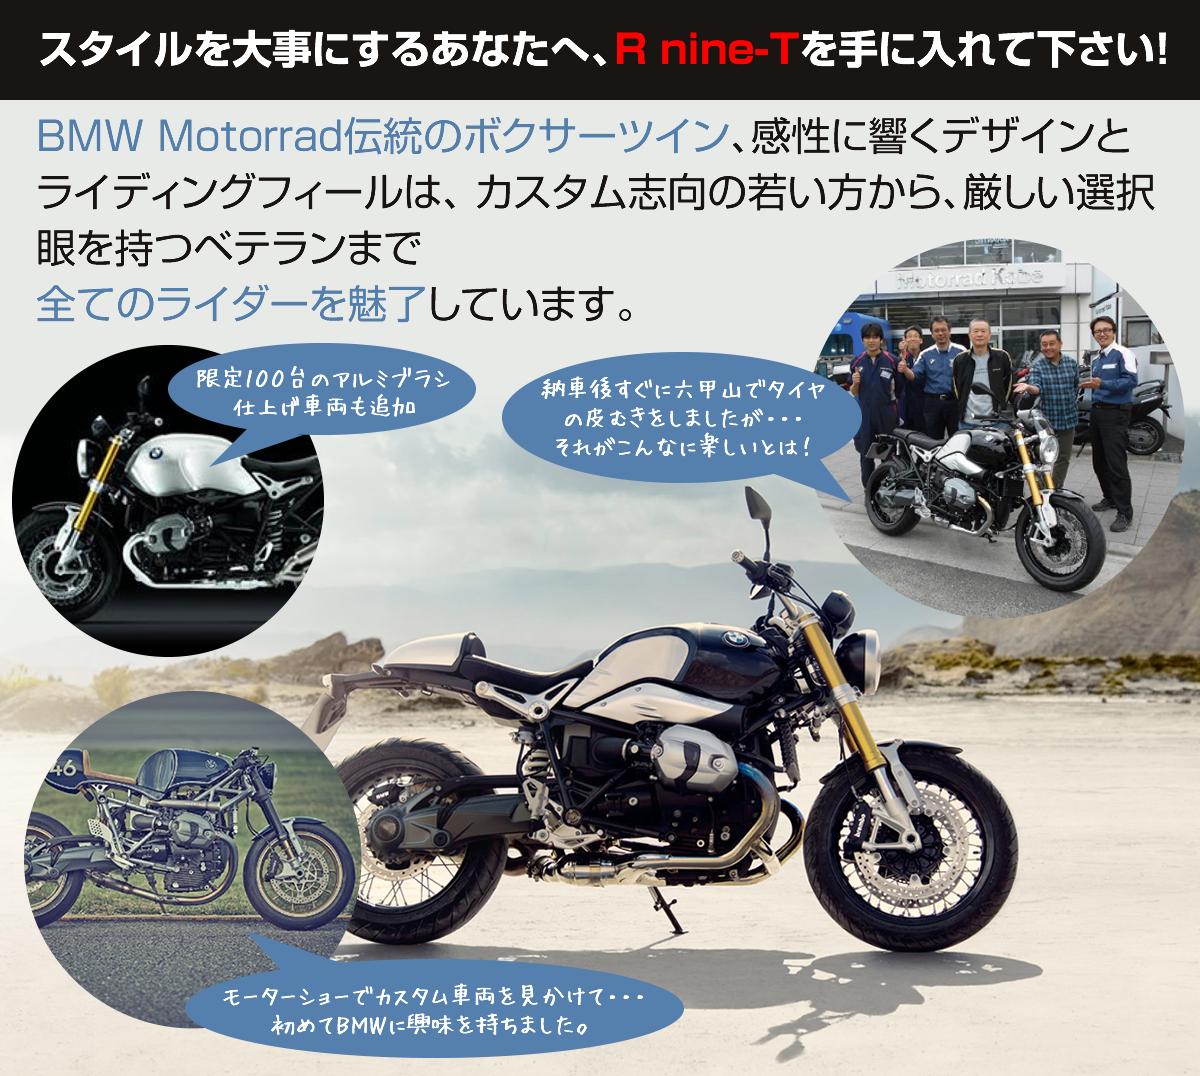 motorrad_lp_01